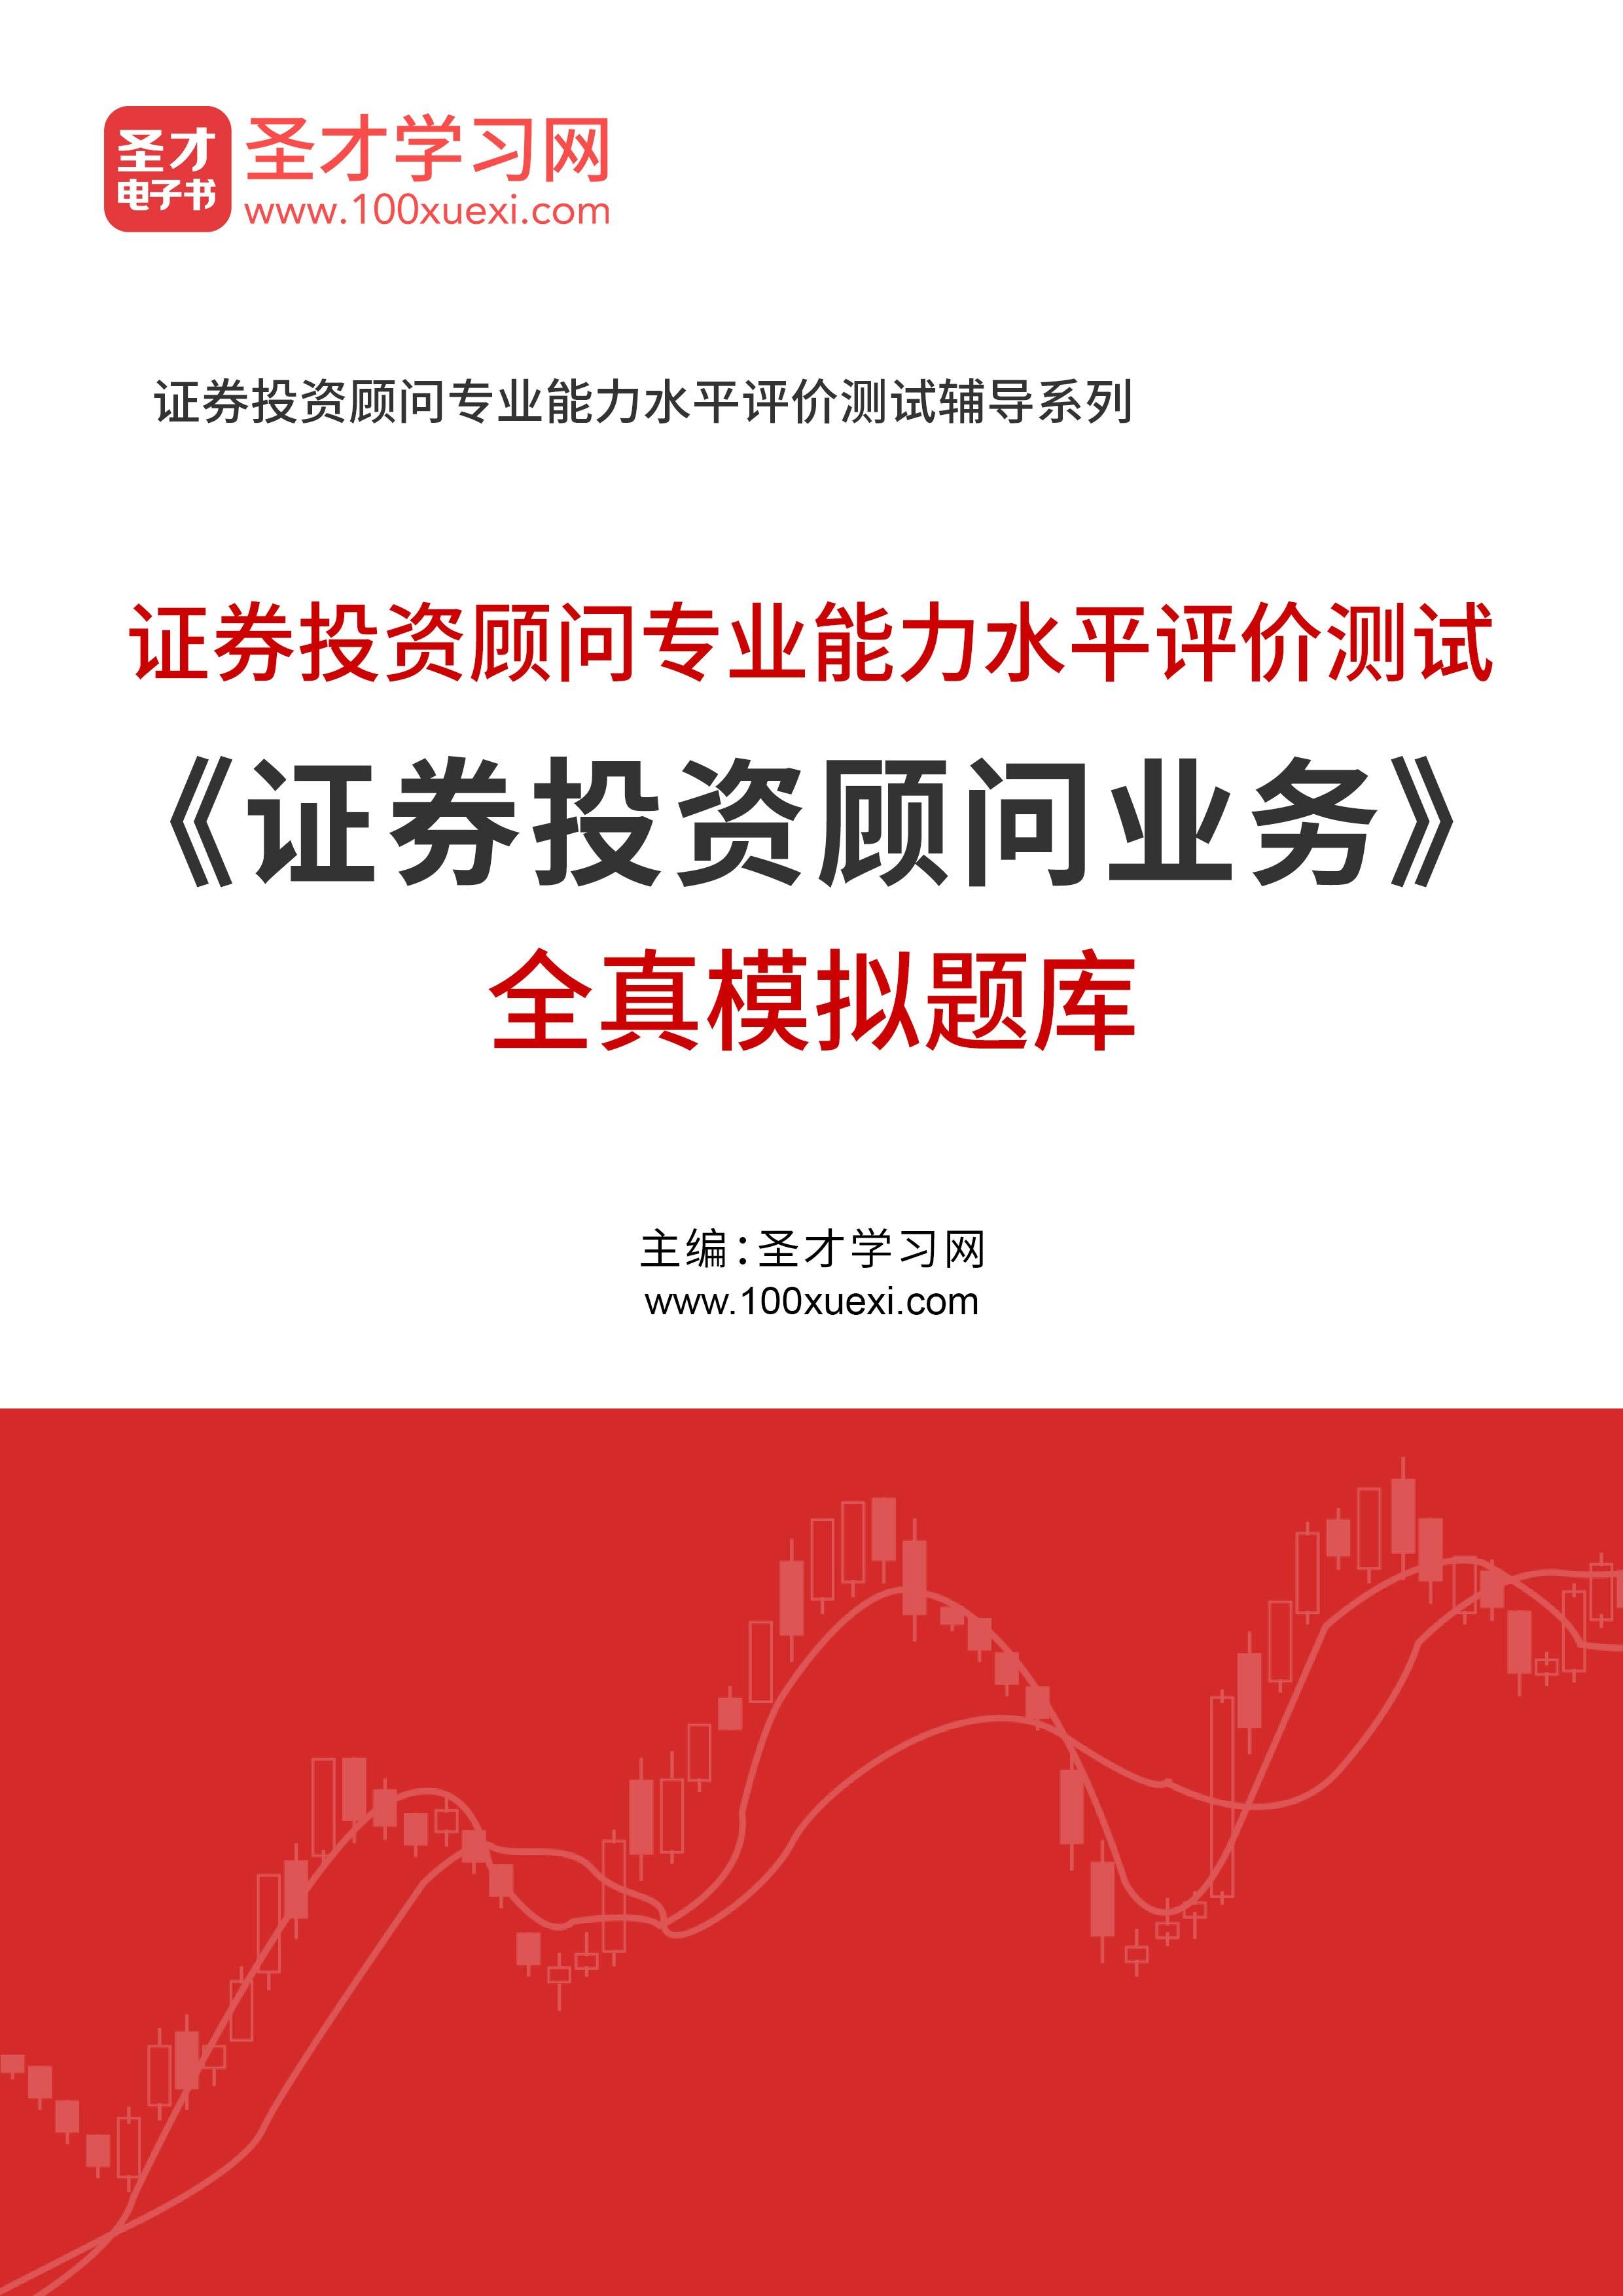 2021年证券投资顾问胜任能力考试《证券投资顾问业务》全真模拟题库